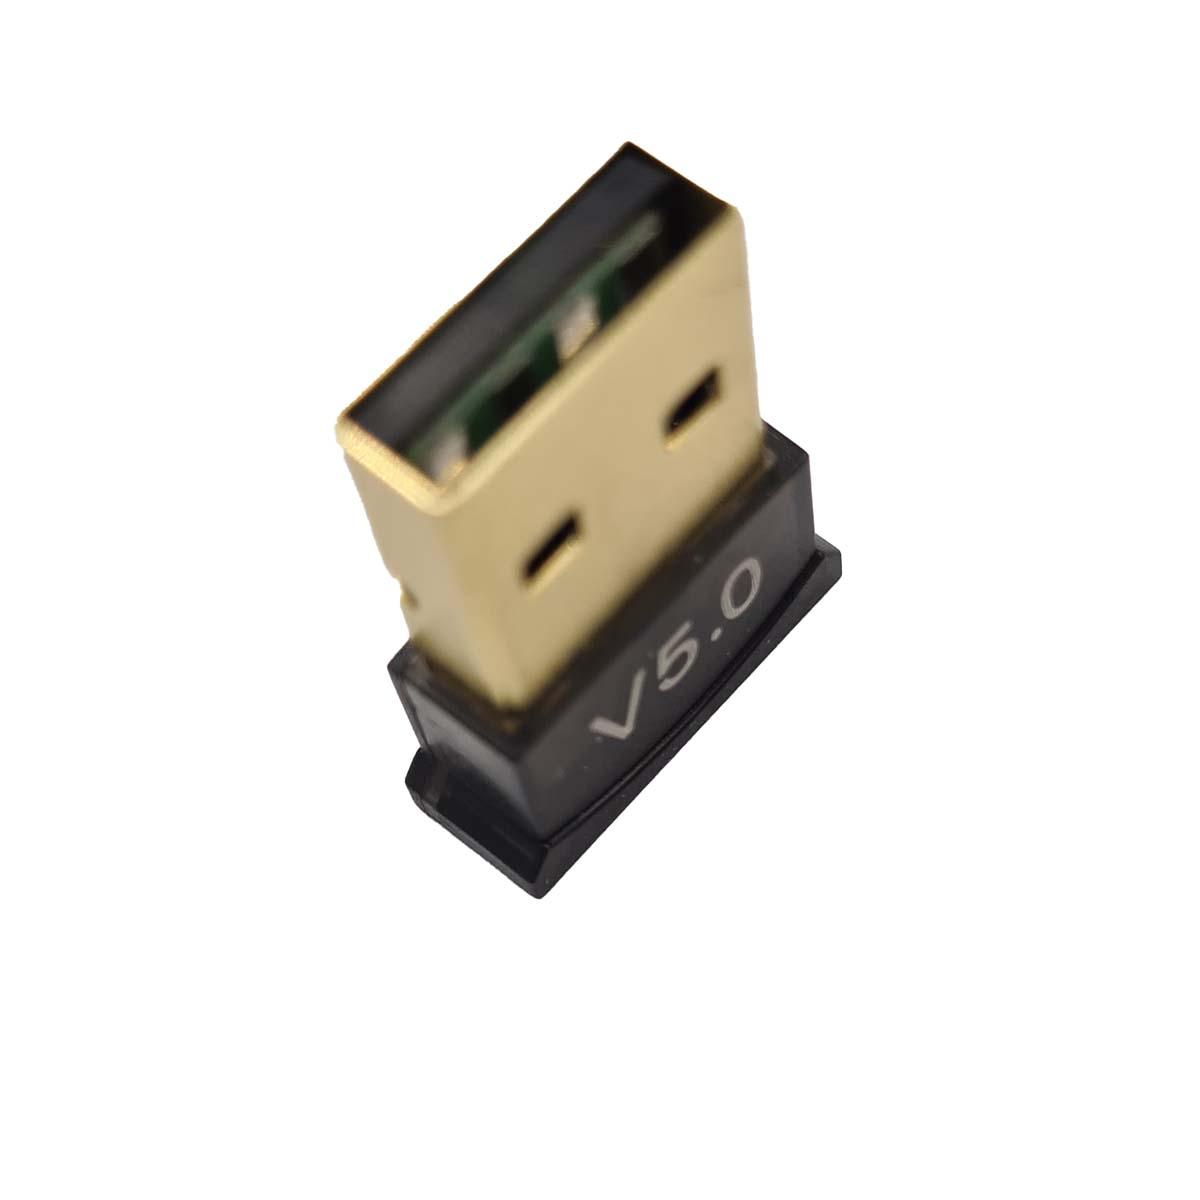 Adaptador Sem fio Transmissor Bluetooth 5.0 USB para PC Notebook